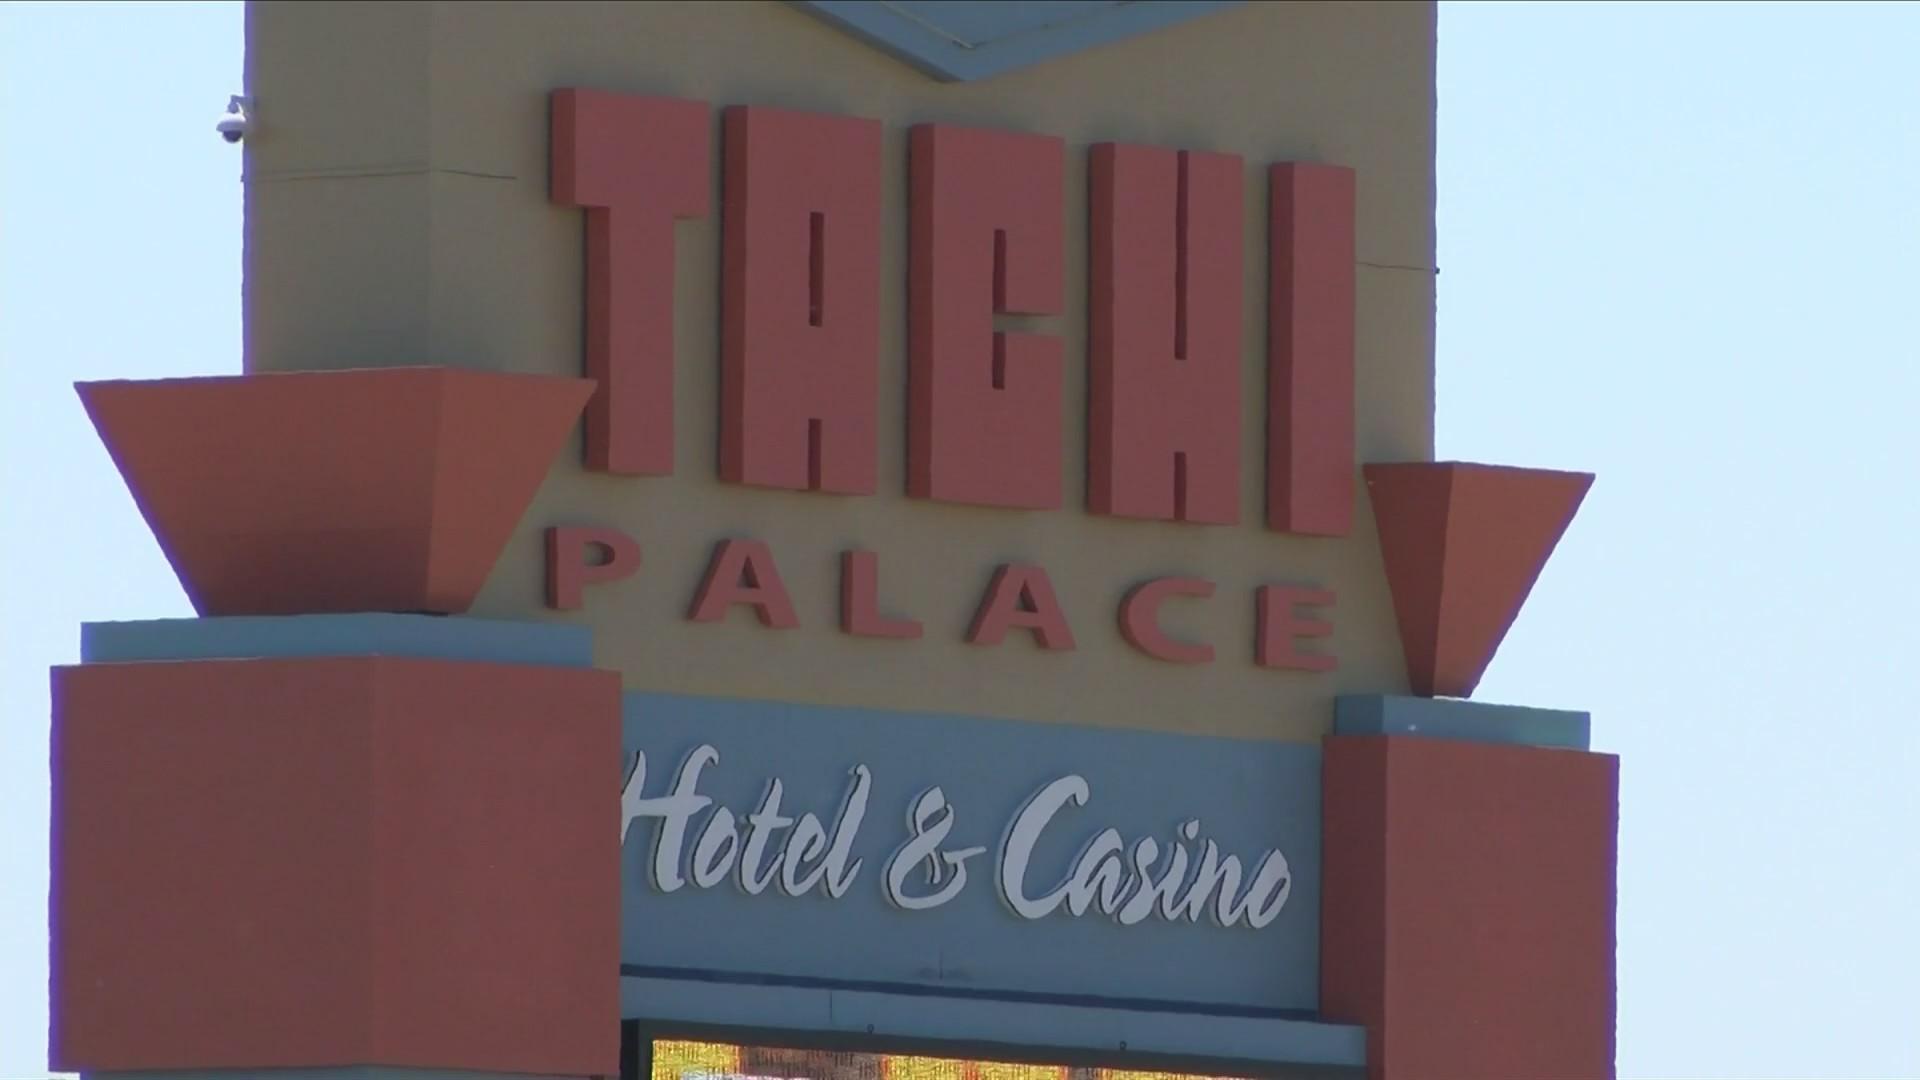 Tachi_Palace_Hotel___Casino_celebrates_3_0_20180817232716